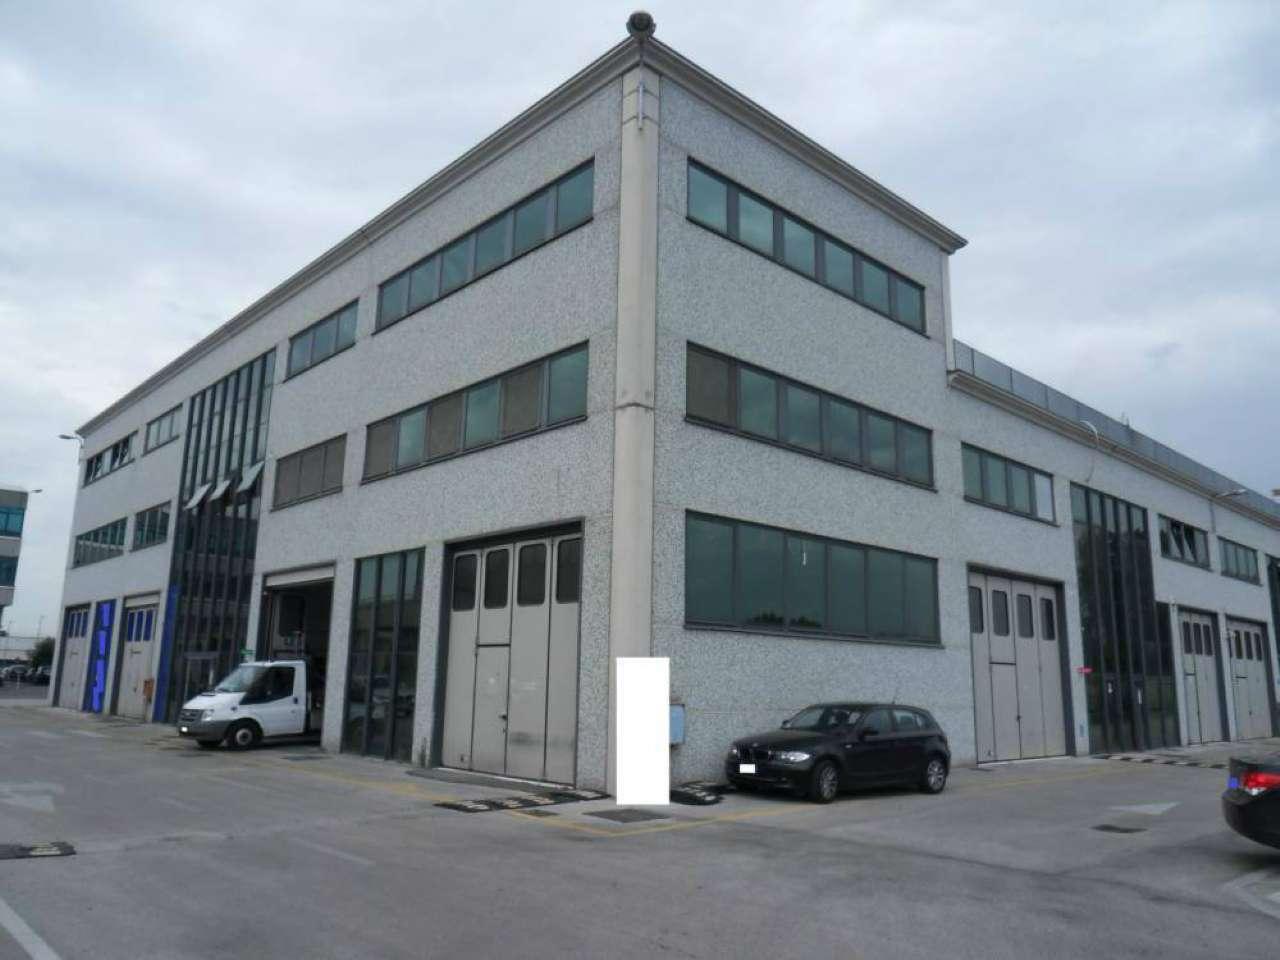 Ufficio / Studio in affitto a Guidonia Montecelio, 4 locali, prezzo € 550 | CambioCasa.it